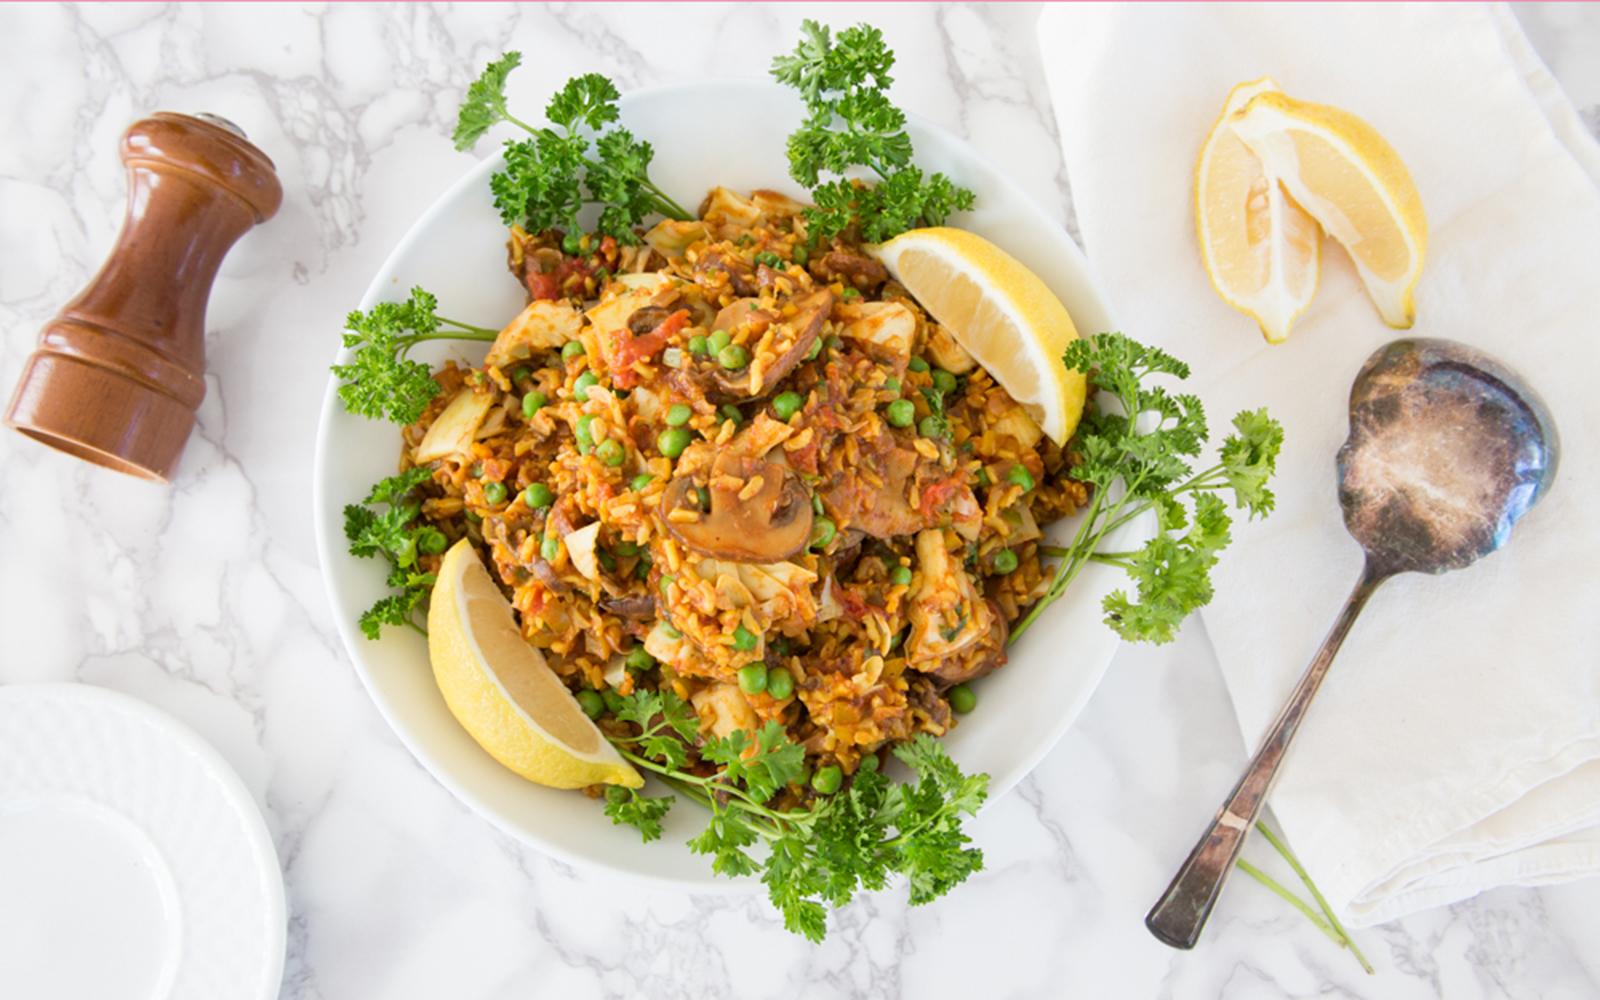 Instant pot vegan paella